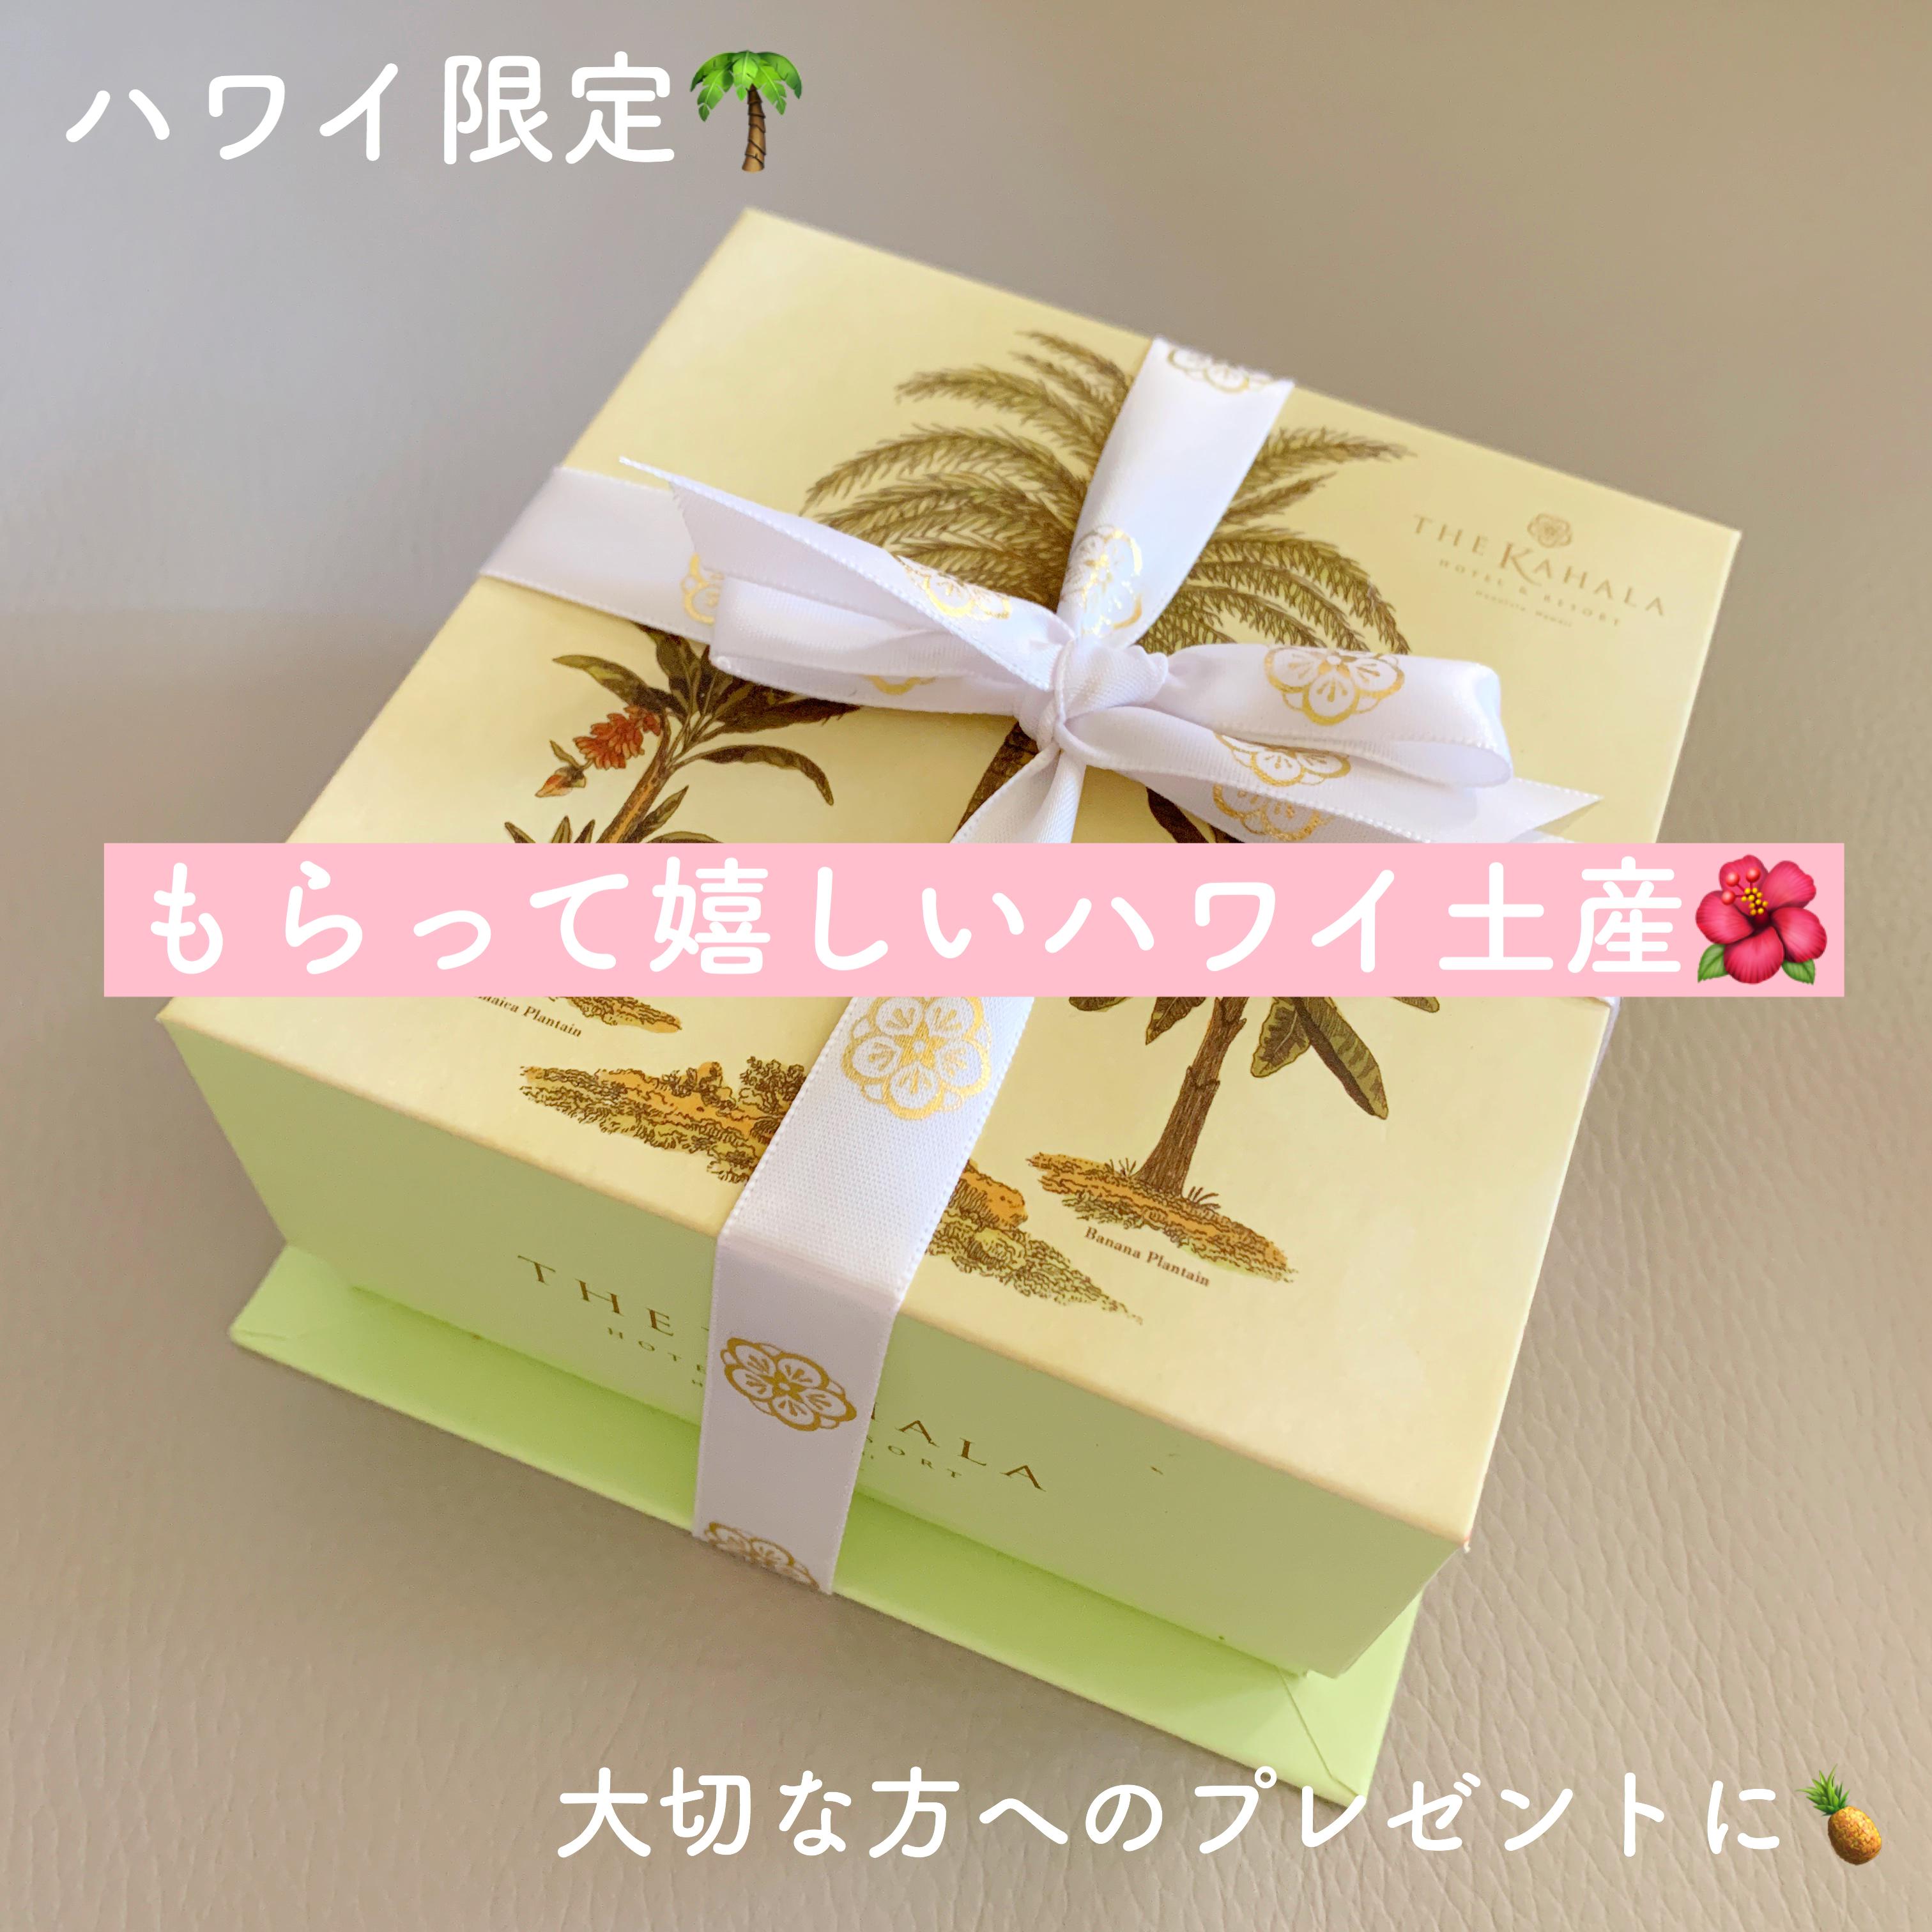 【ハワイ土産】もらって嬉しいマカダミアナッツチョコ。頂いた方は…